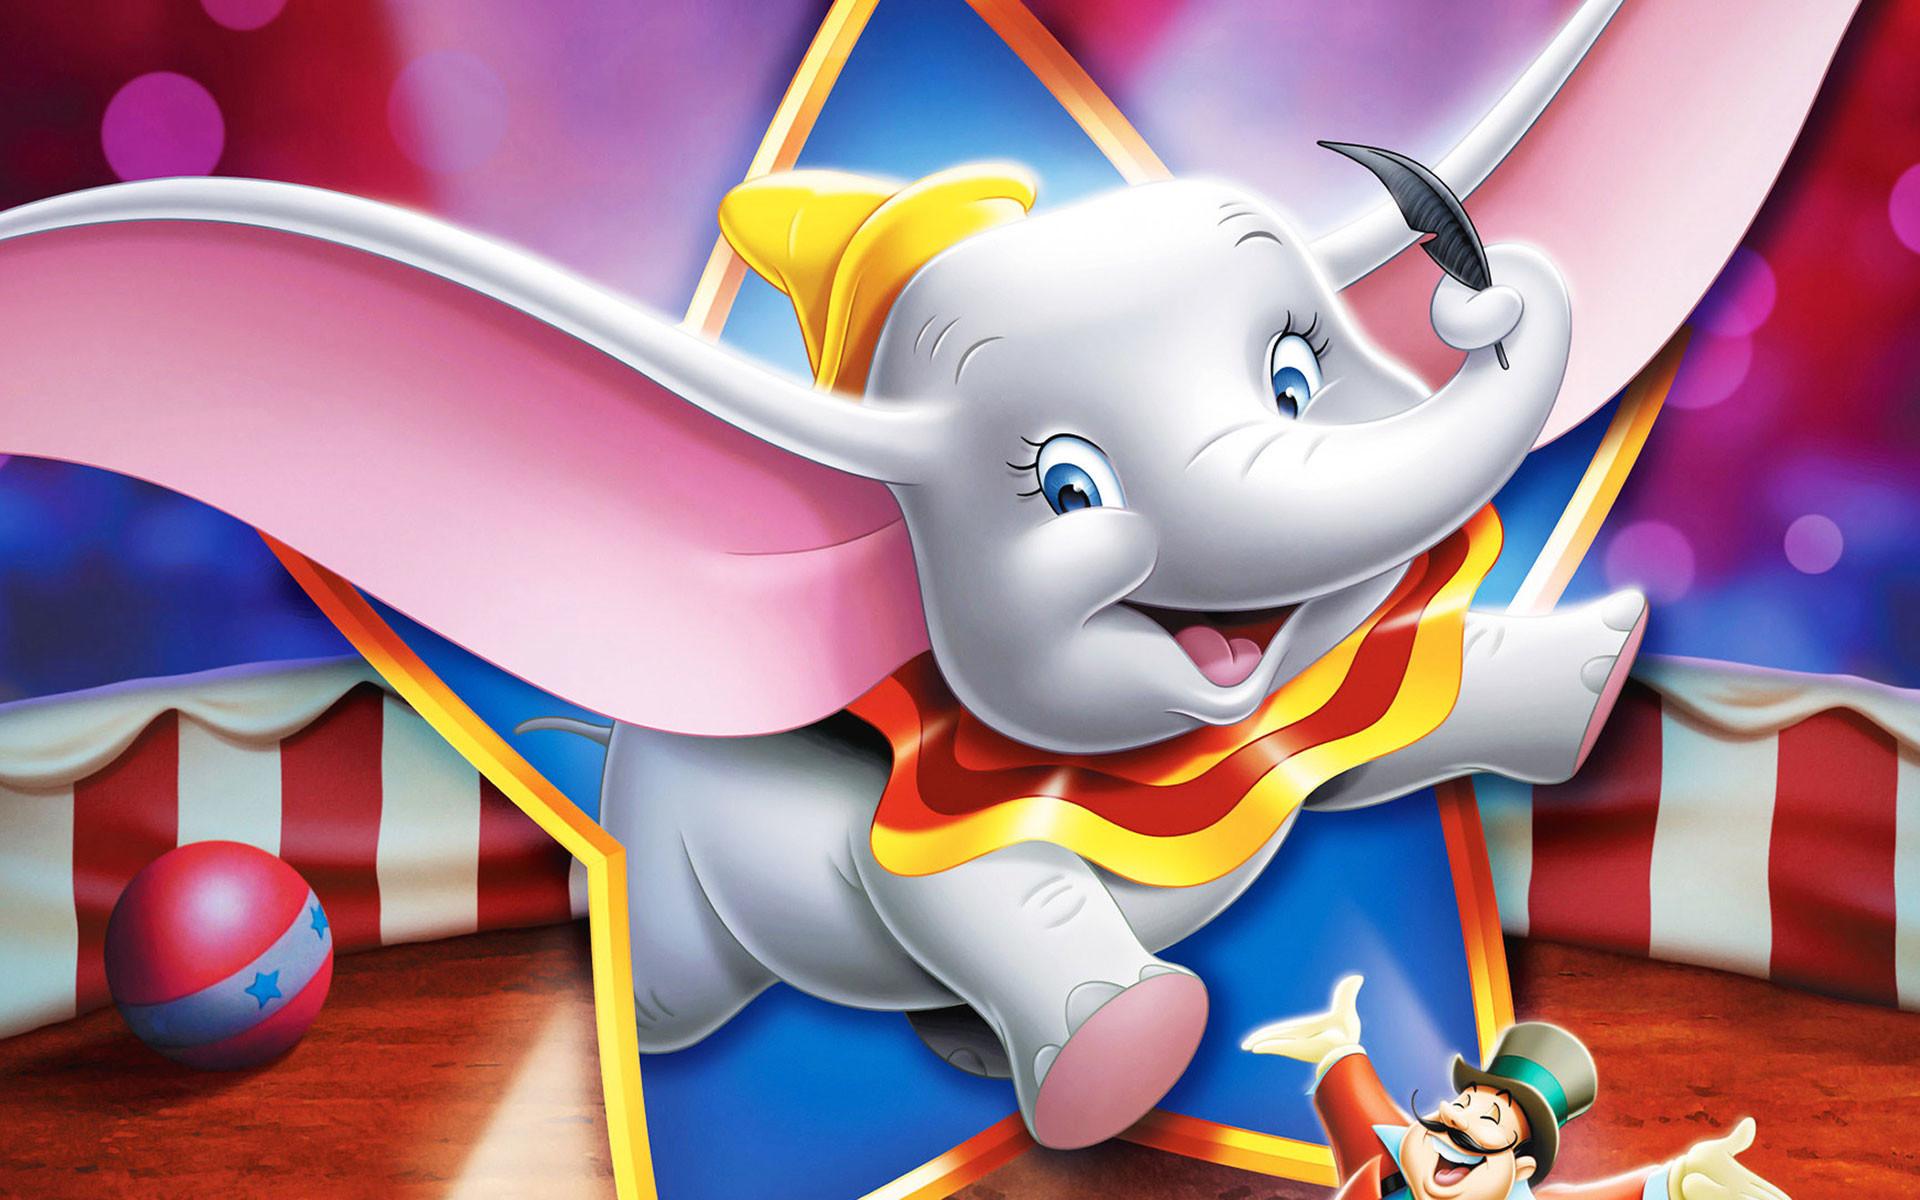 Res: 1920x1200, Walt Disney Cartoon Characters Wallpaper 10 Disney Characters Wallpaper  Best HD Wallpapers .